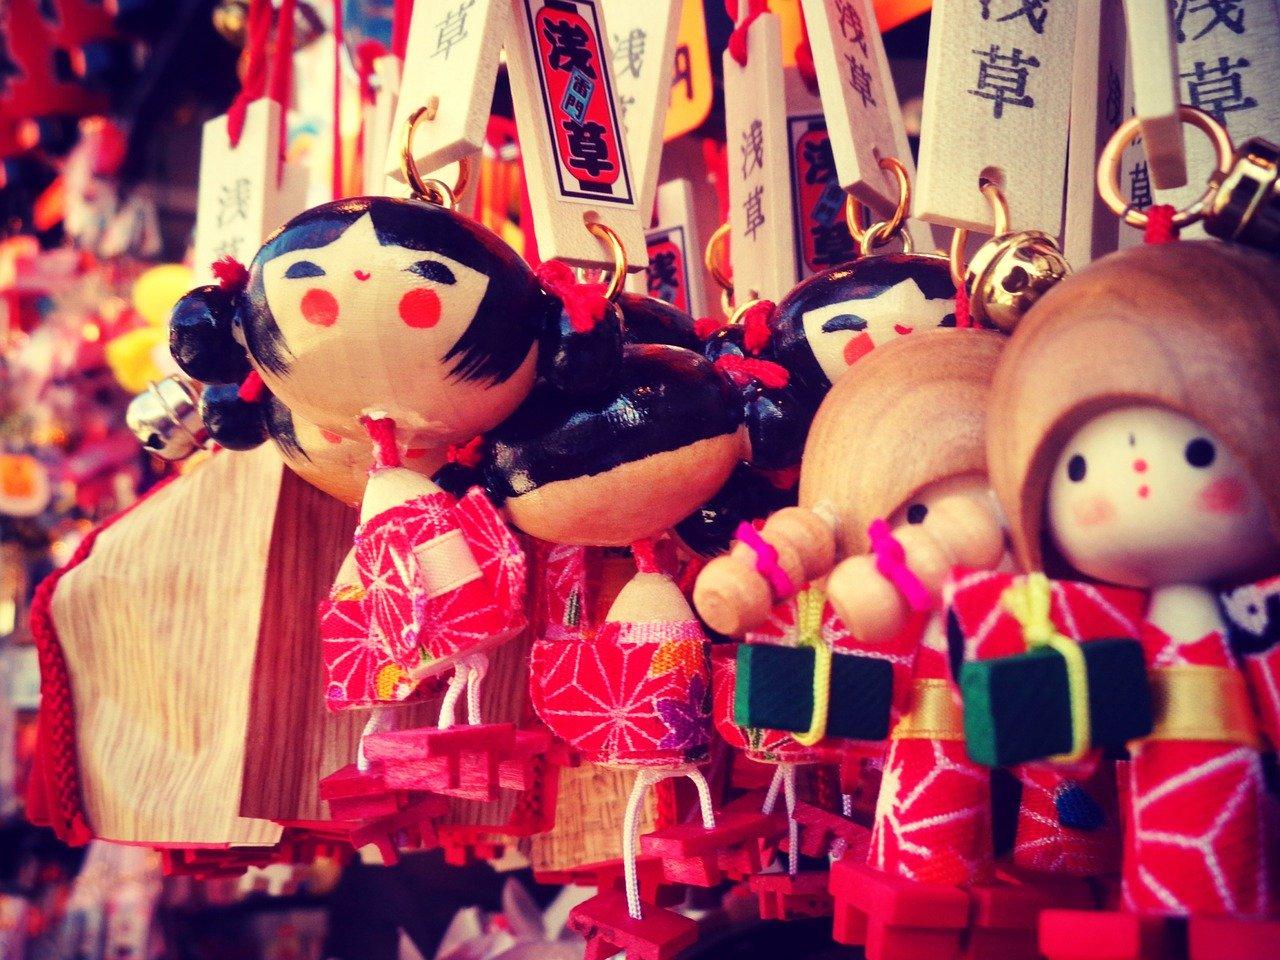 京都かぐや姫竹御前からホテルへ連れてきた女性の心霊の恐怖